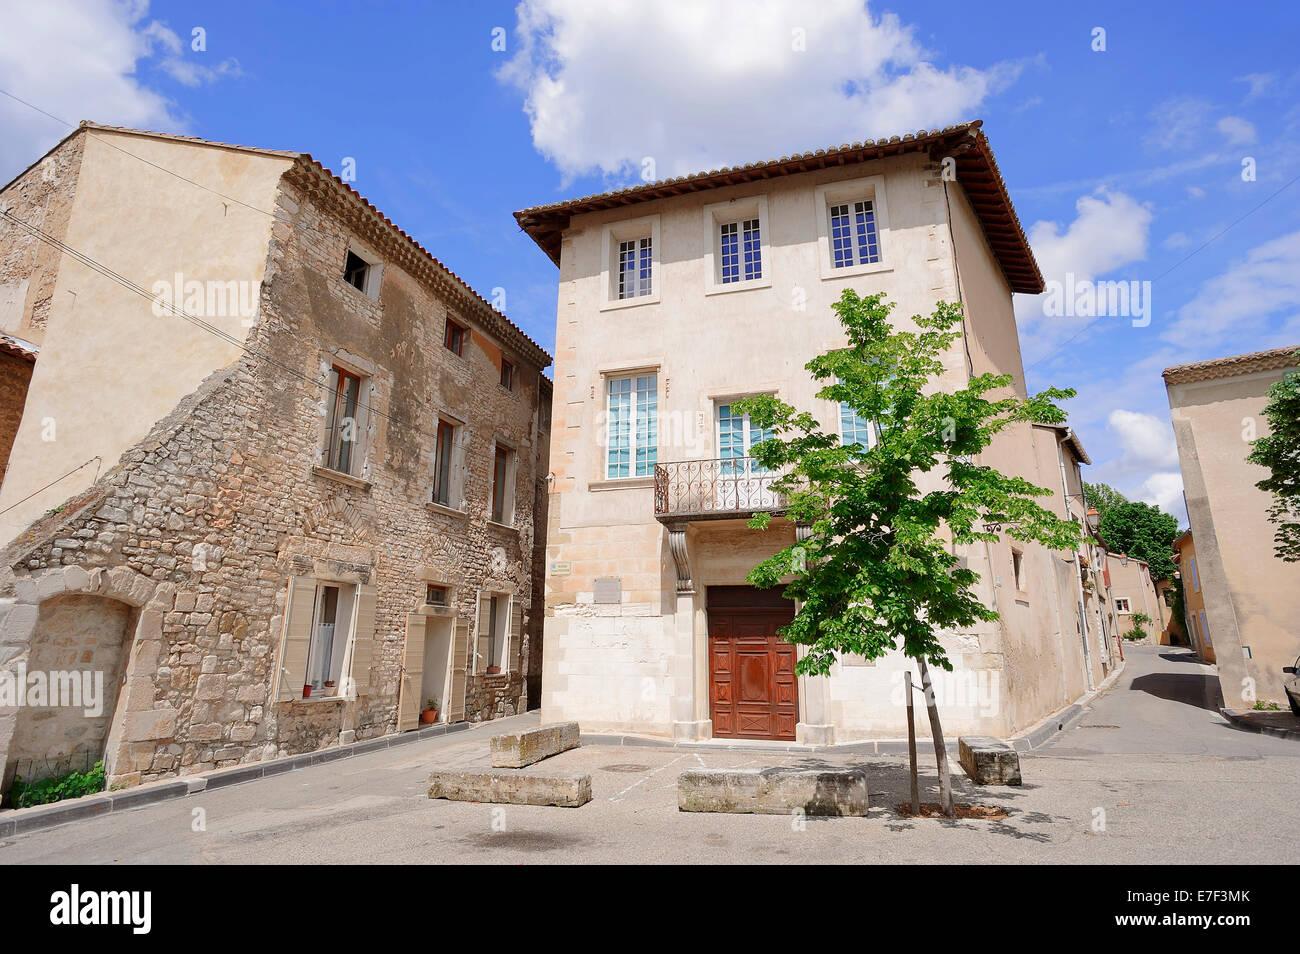 Maison Flechier, Comtadine Museo delle tradizioni, Pernes-les-Fontaines, Vaucluse, Provence-Alpes-Côte d'Azur, Immagini Stock